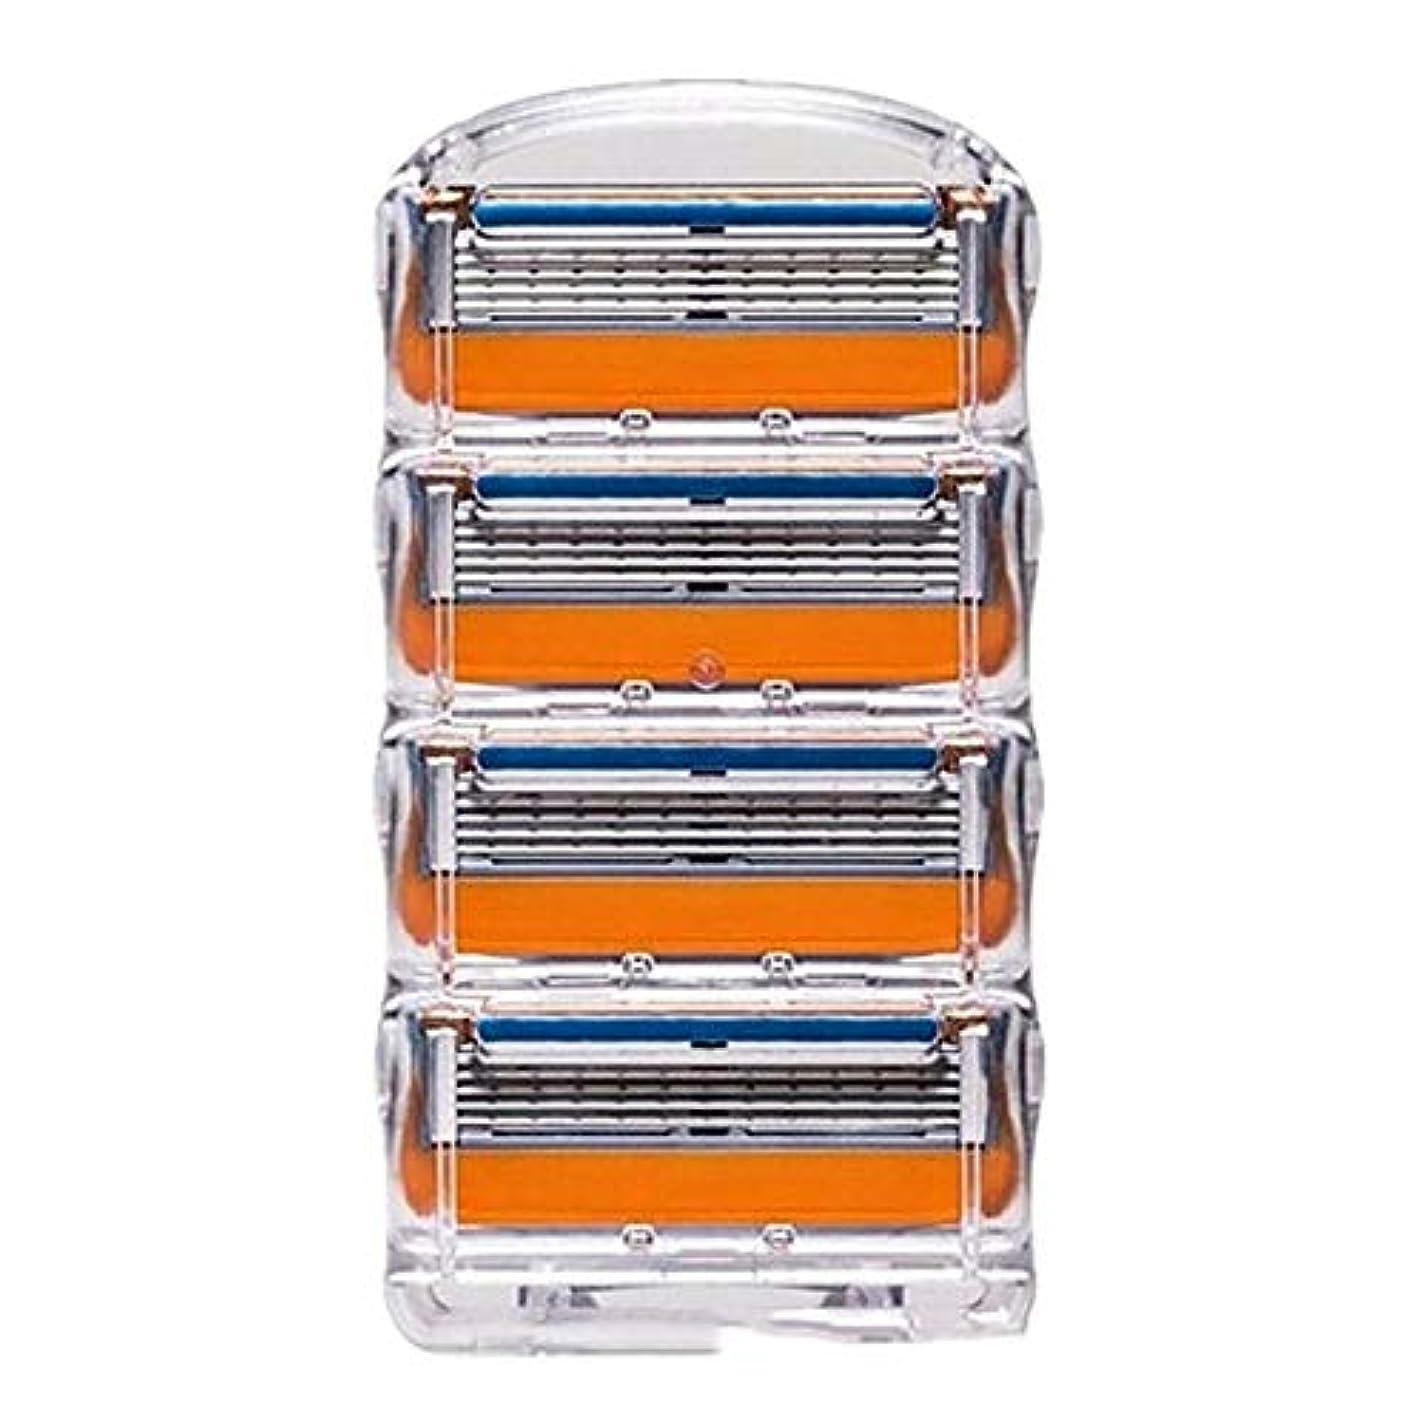 パーティション抵抗力がある操る剃刀手動5層剃刀手動剃刀オレンジの箱4